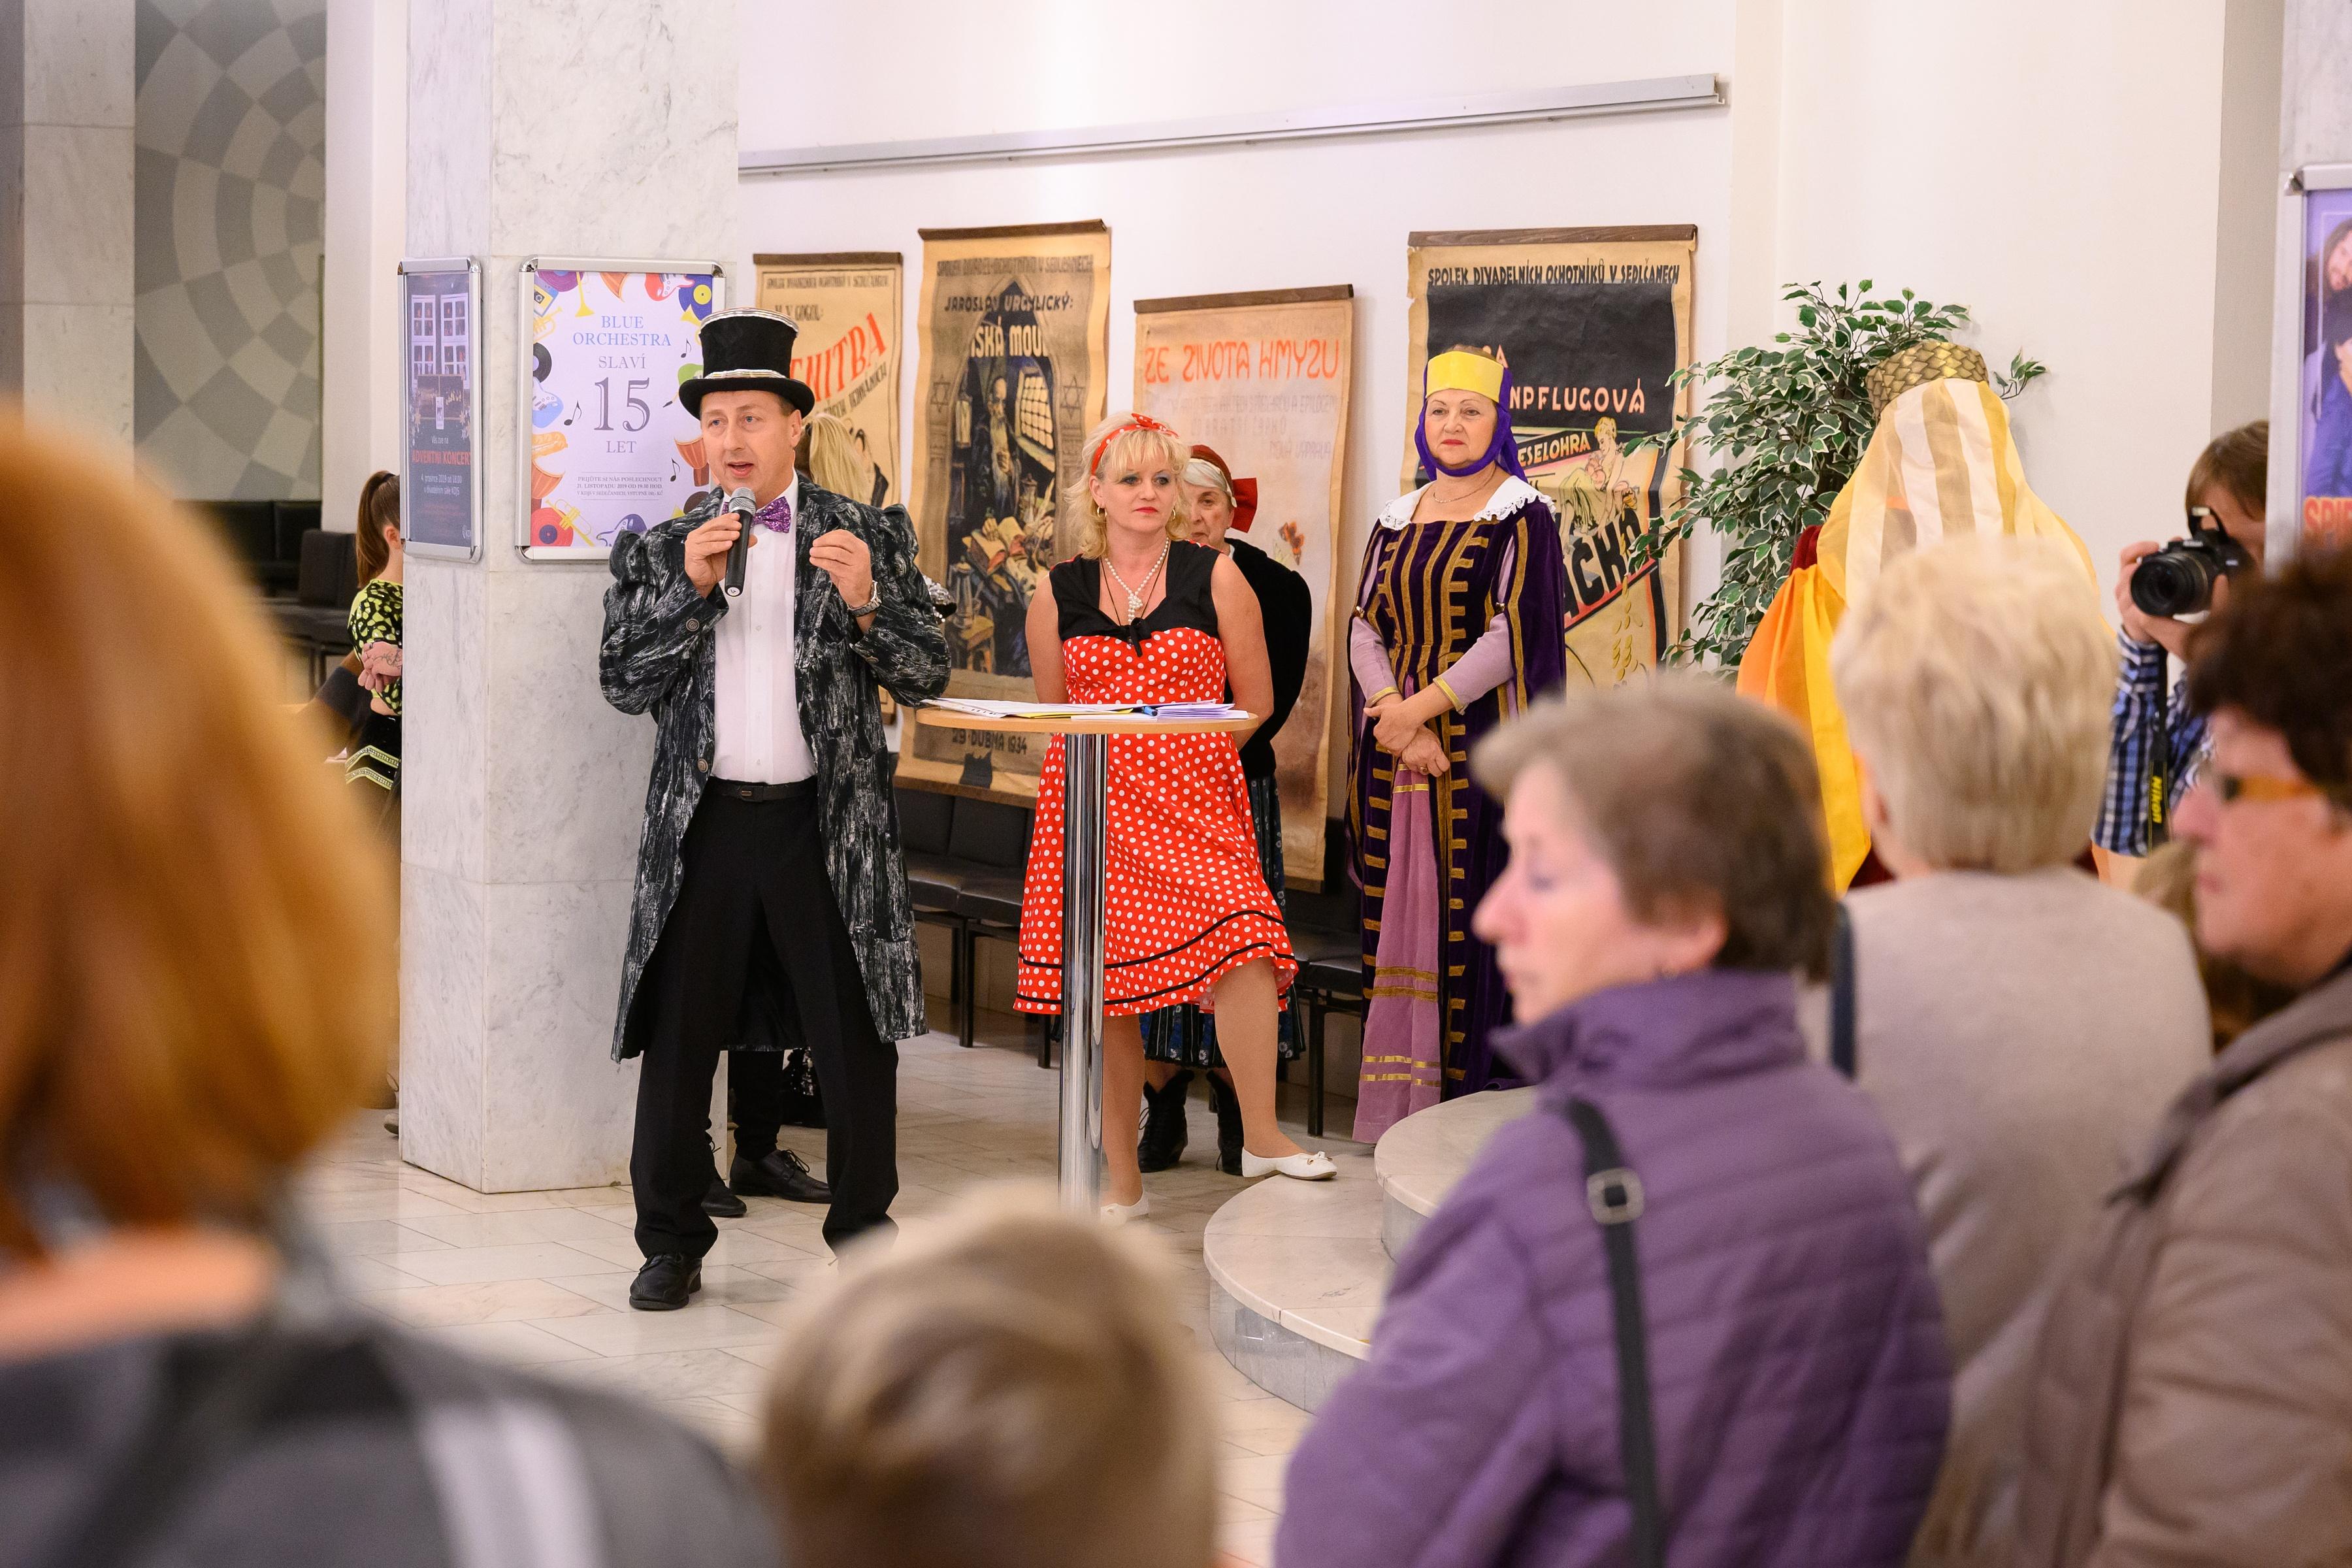 Návštěvníky Noci divadel vítal principál v cylindru